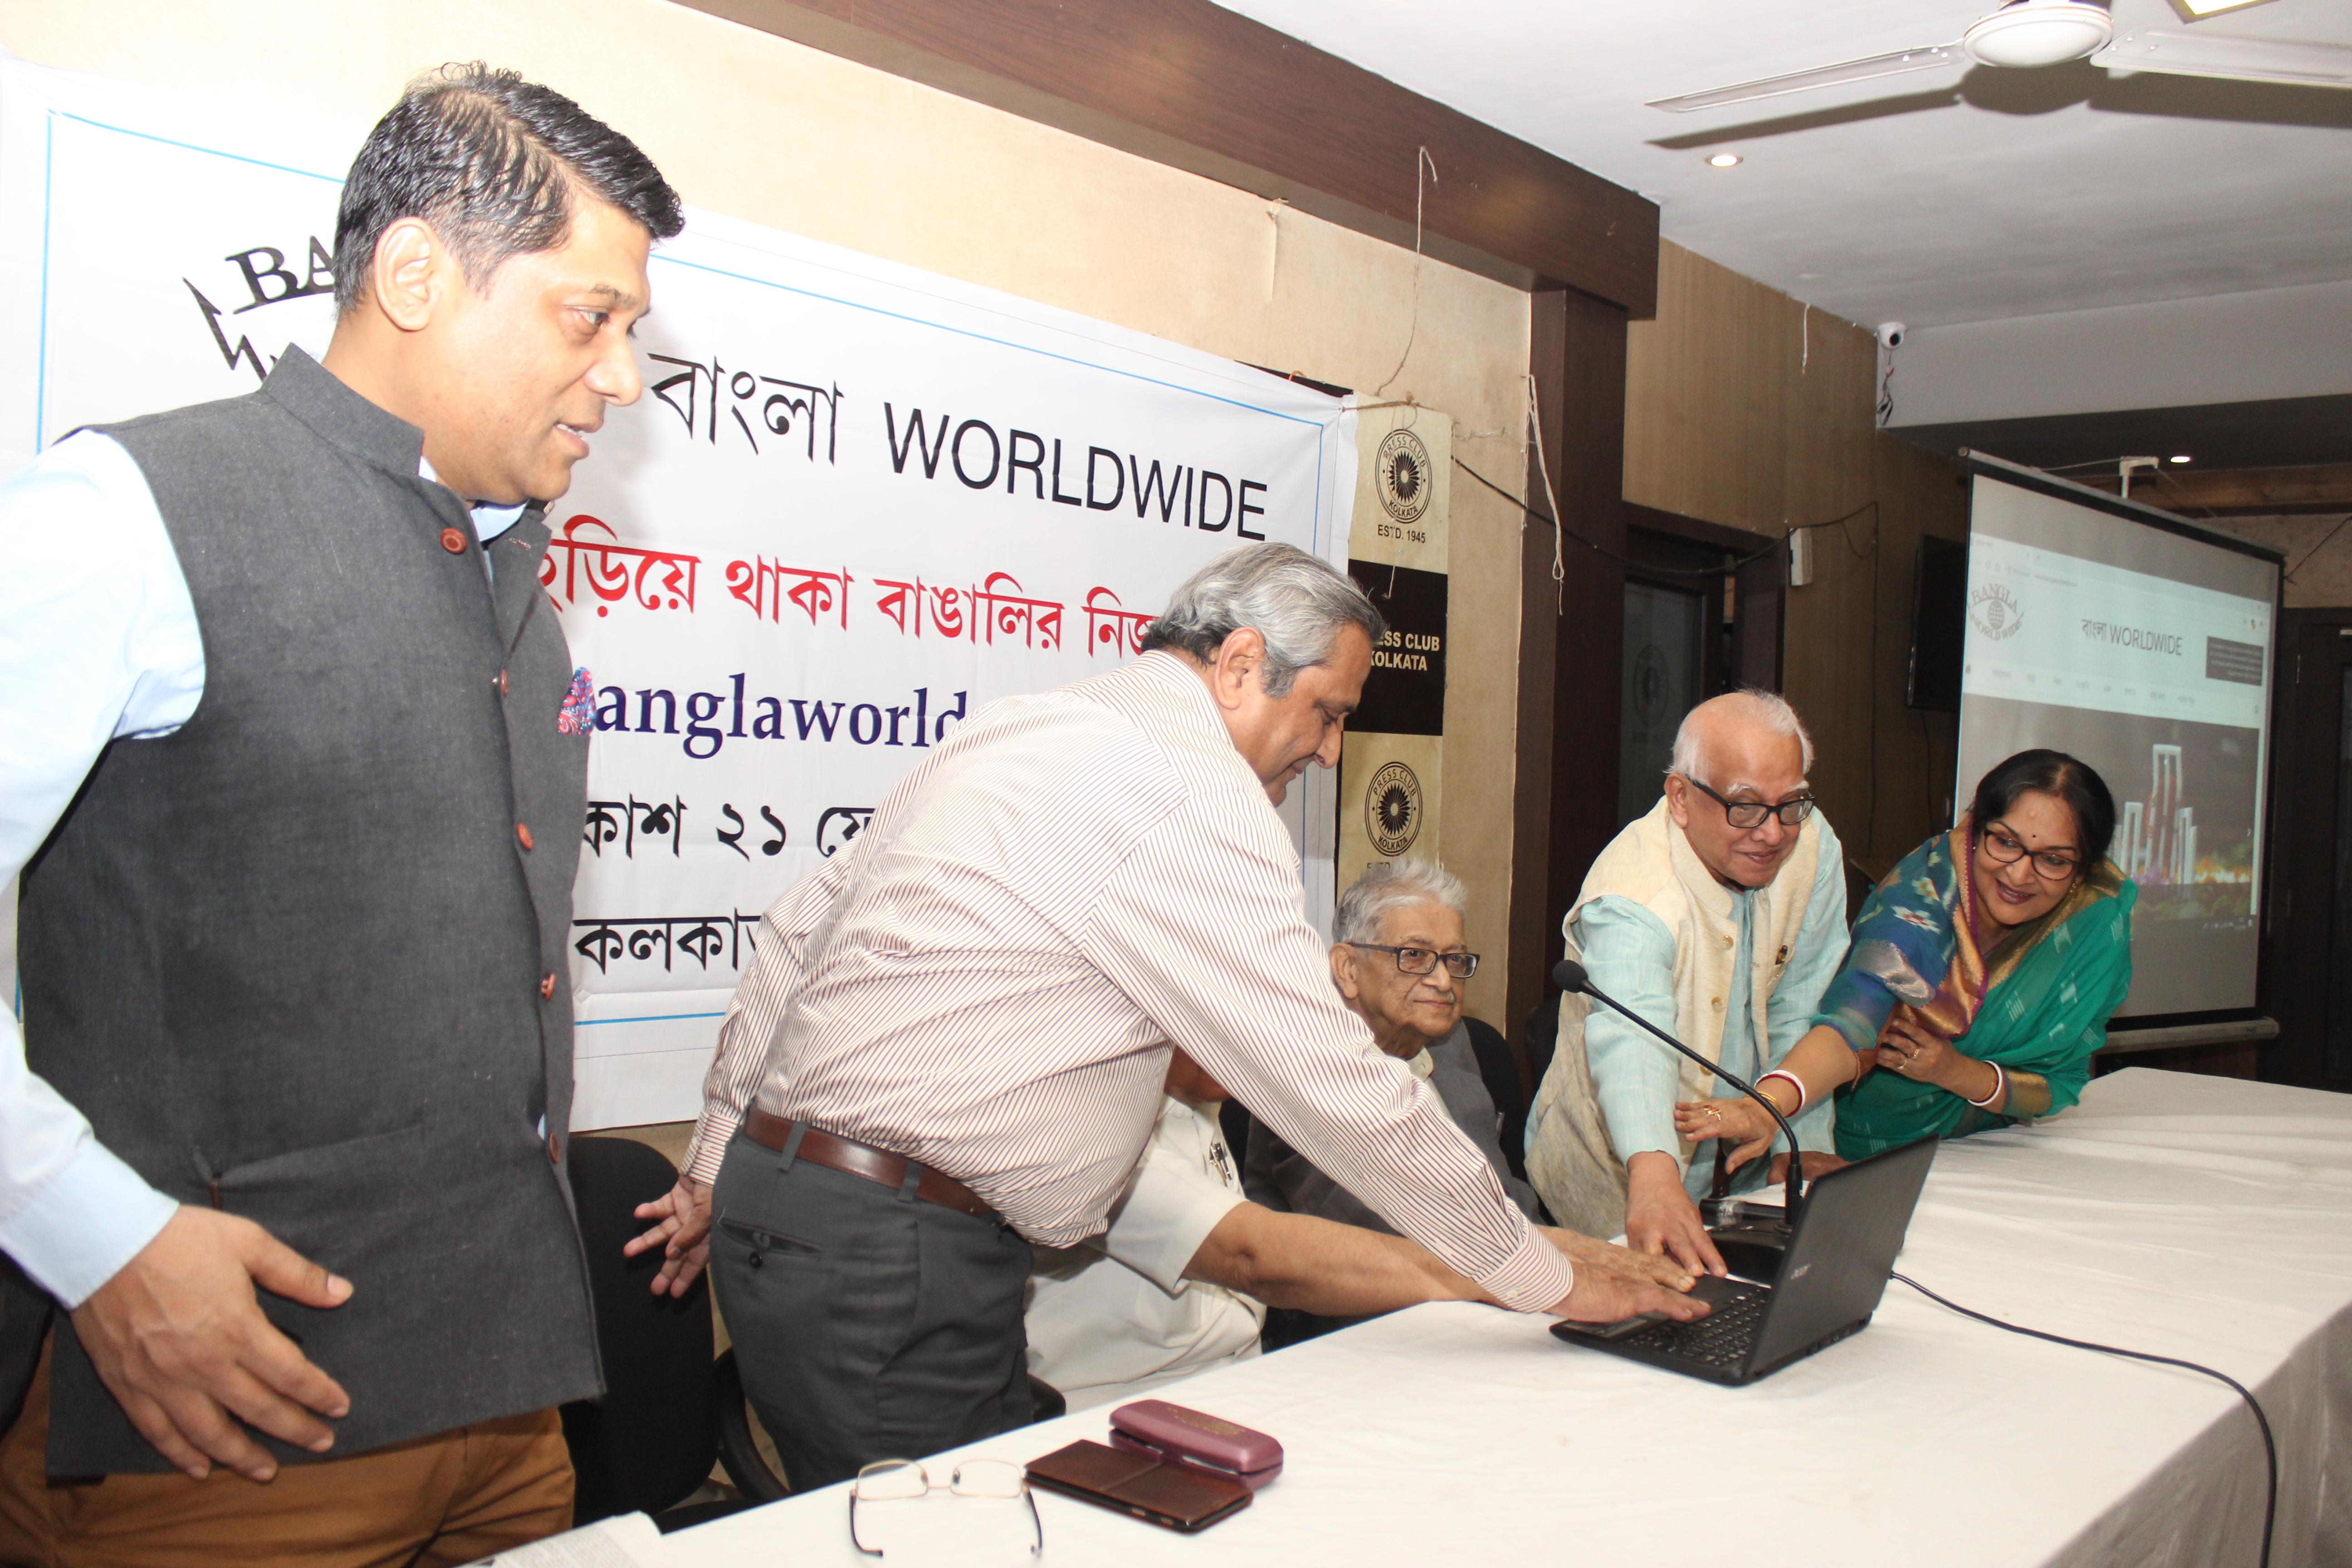 নক্ষত্র সমাবেশে আত্মপ্রকাশ 'বাংলা ওয়ার্ল্ডওয়াইড'-এর